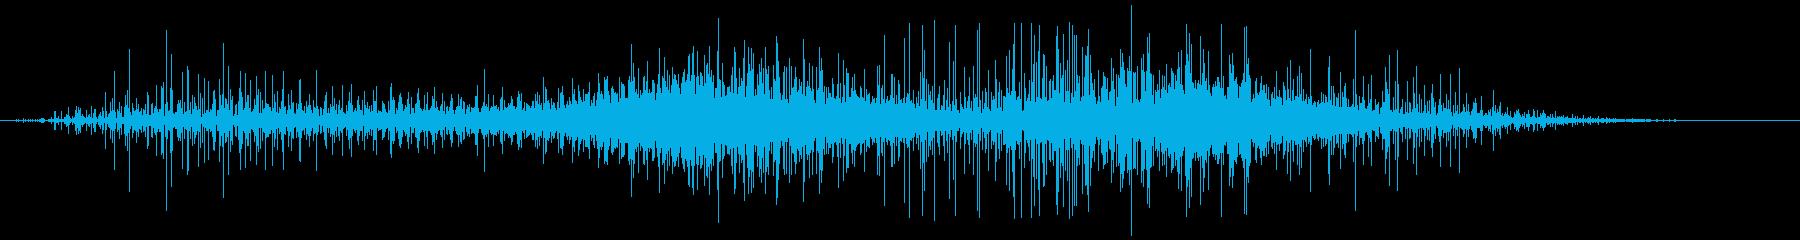 静的なヒューという音の再生済みの波形